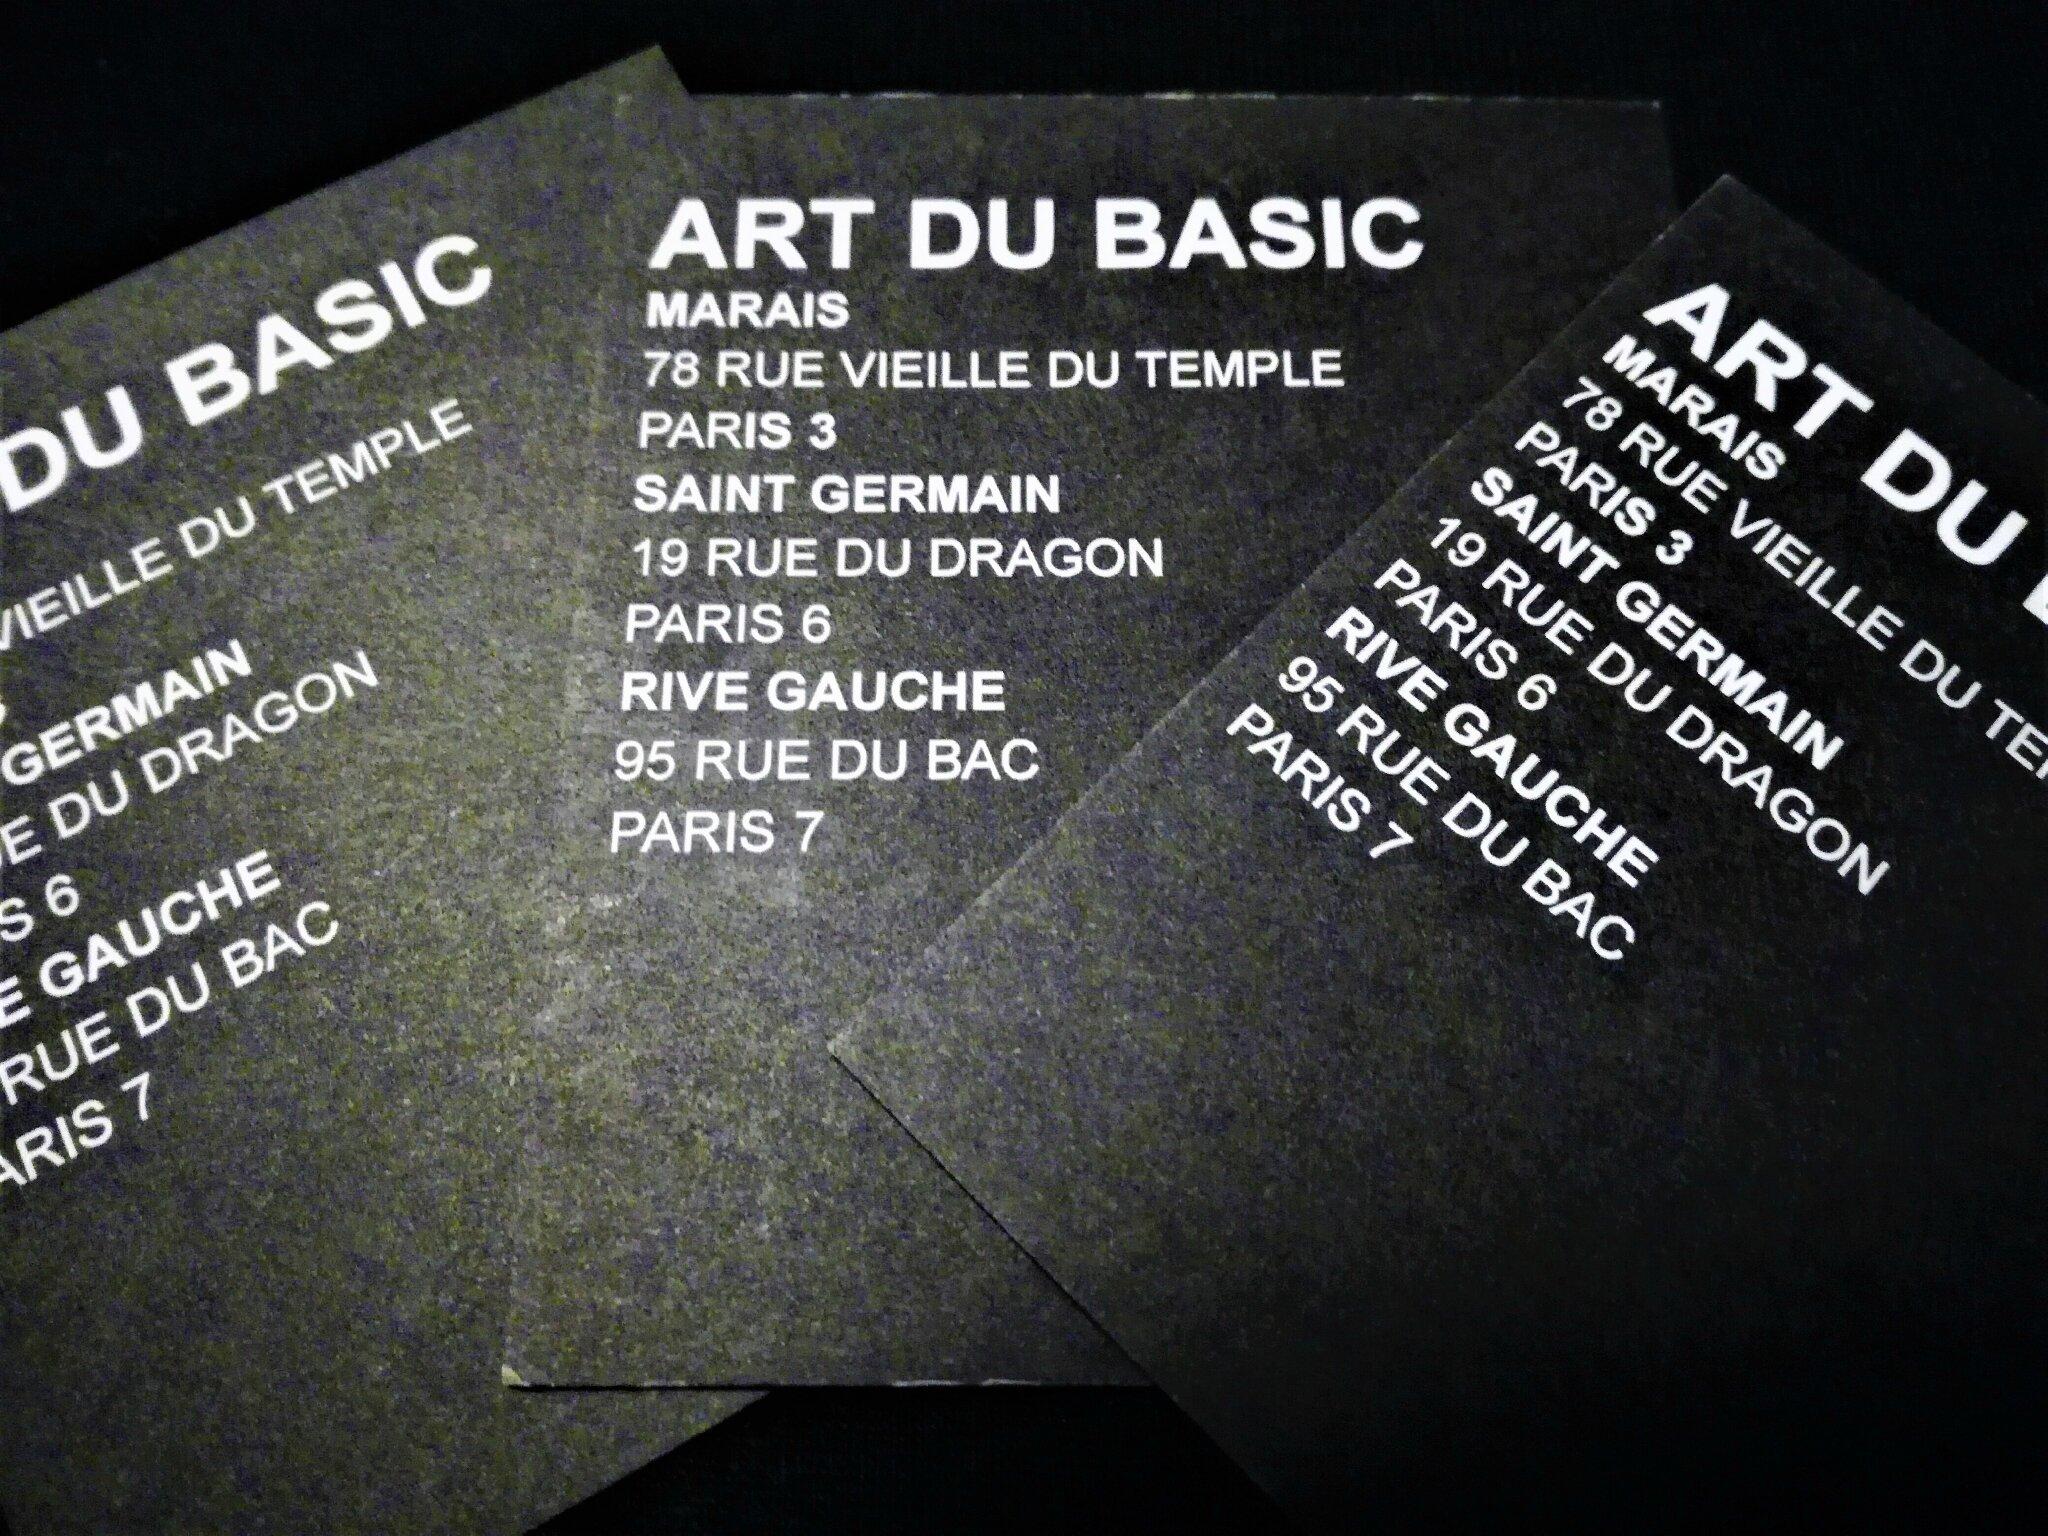 L'ART DU BASIC : Le basic c'est CHIC !!